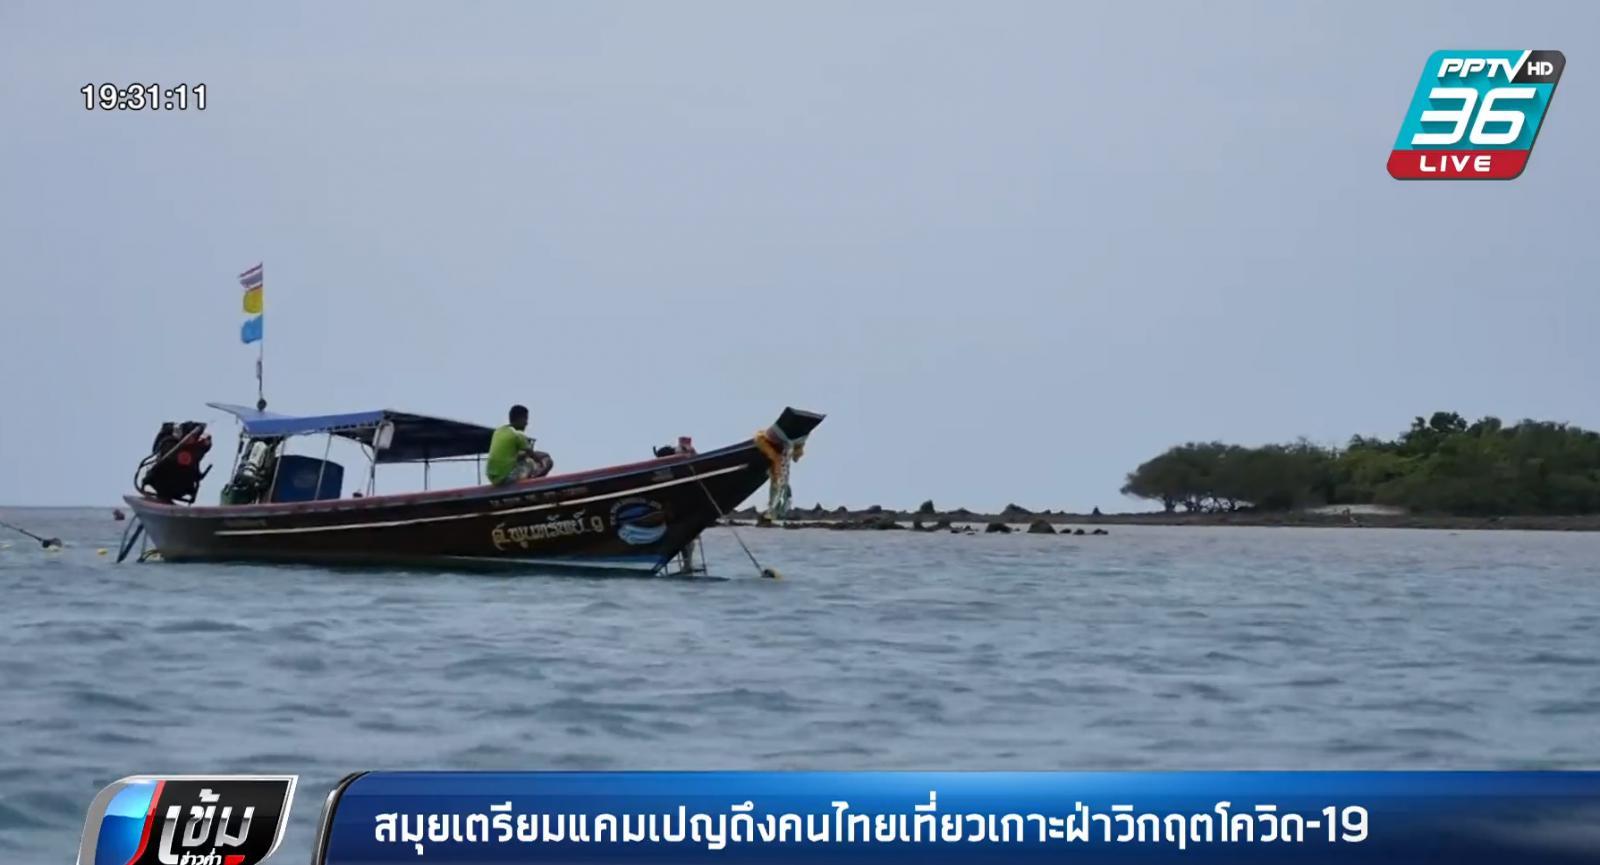 สมุย เตรียมแคมเปญดึงคนไทยเที่ยวเกาะฝ่าวิกฤต โควิด-19